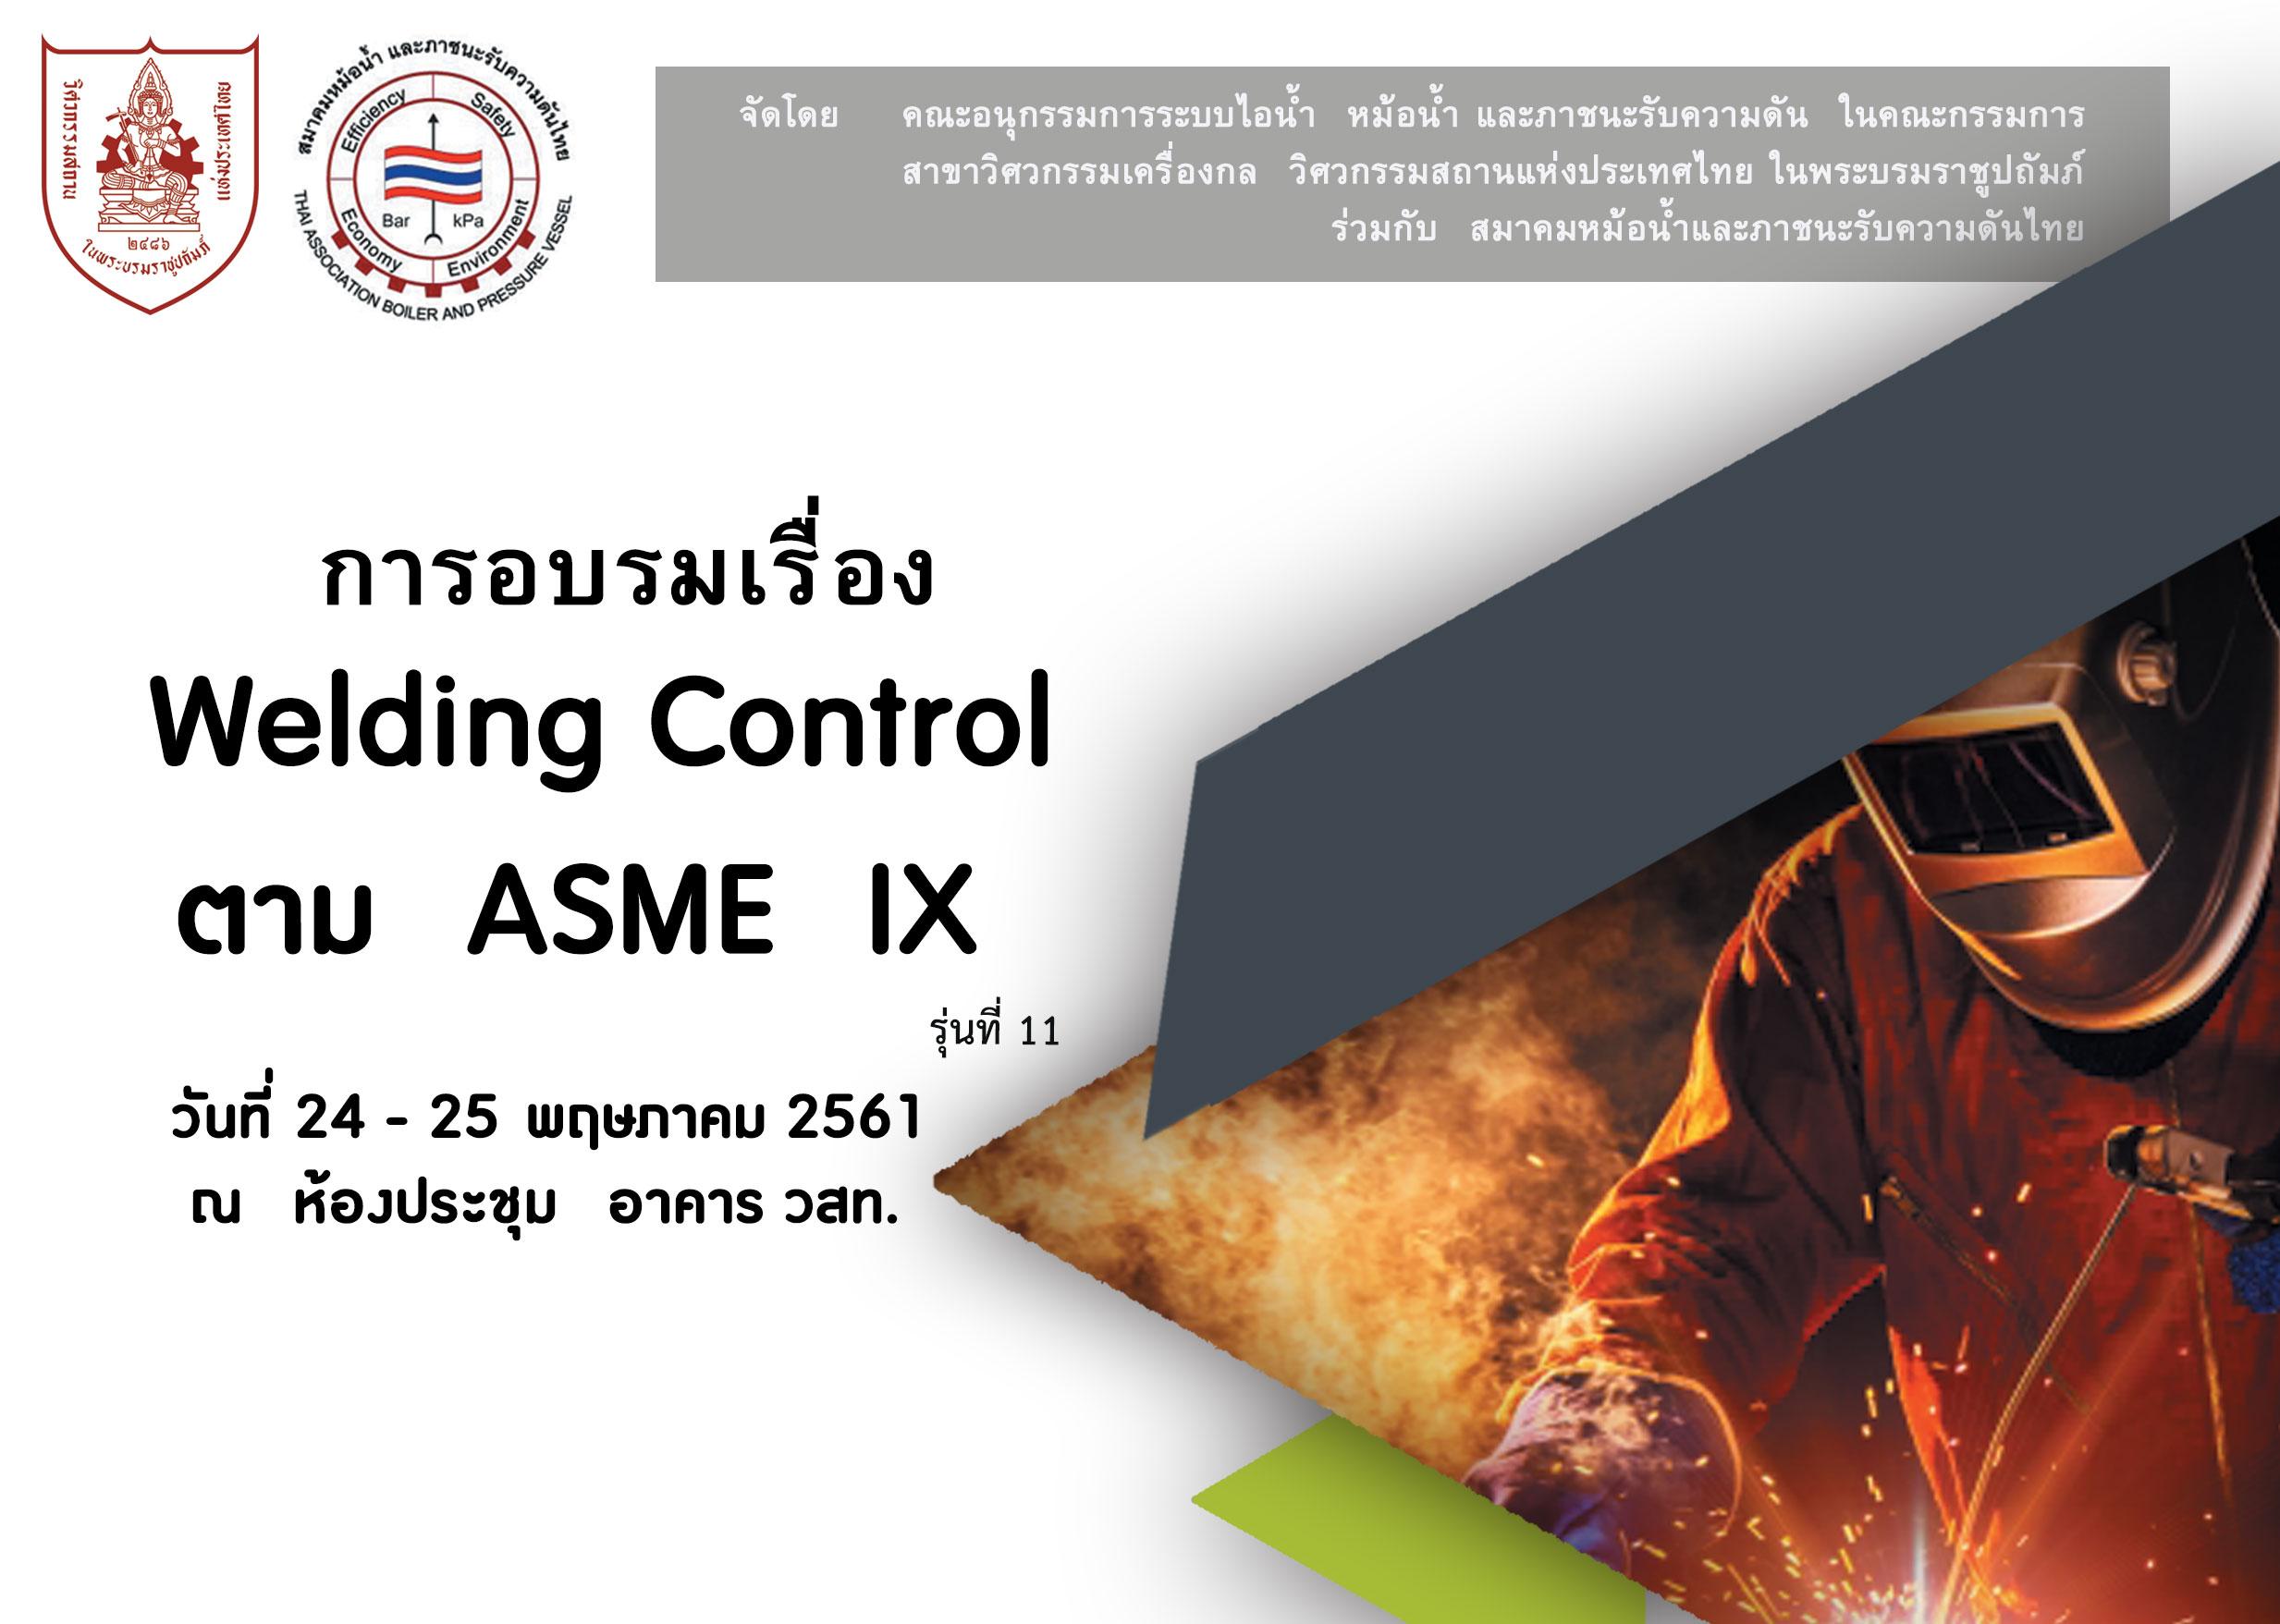 24-25/05/2561 การอบรมเรื่อง Welding Control ตาม  ASME  IX รุ่นที่ 11